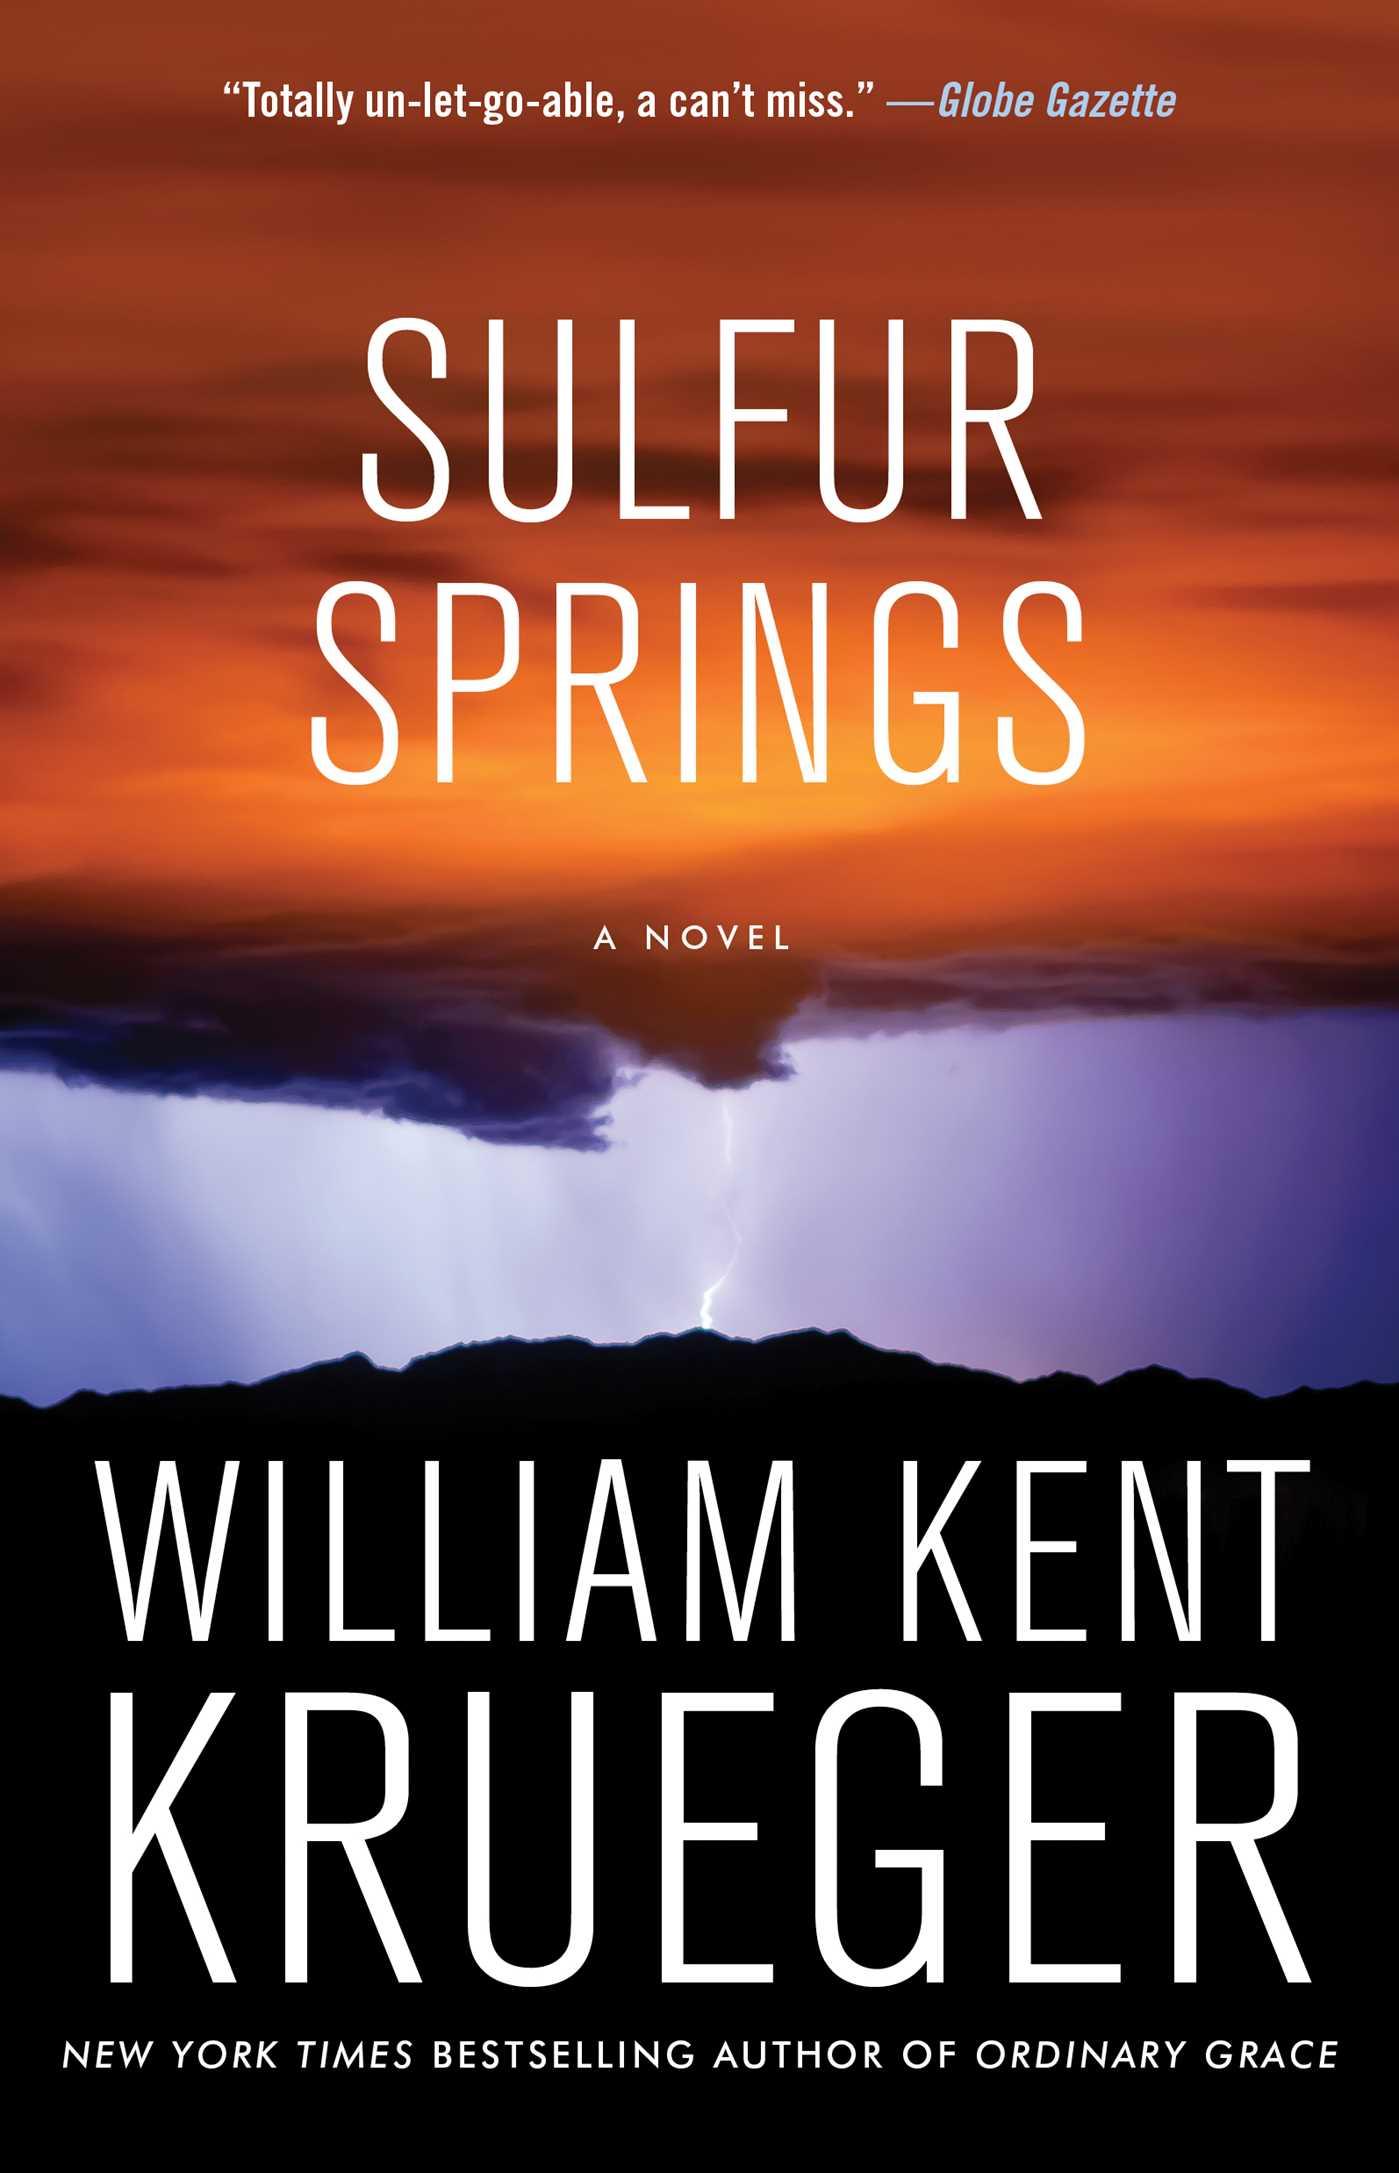 Sulfur springs 9781501147432 hr